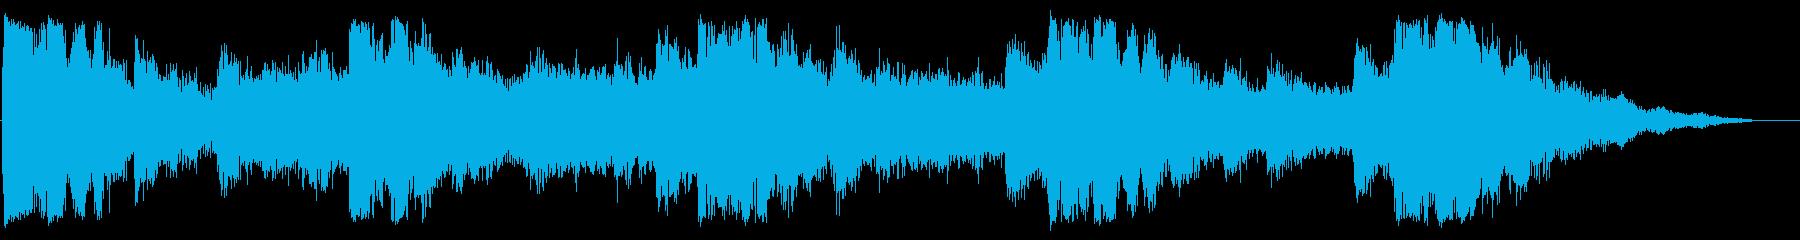 【ホラー】怖い/壮大/シリアスの再生済みの波形